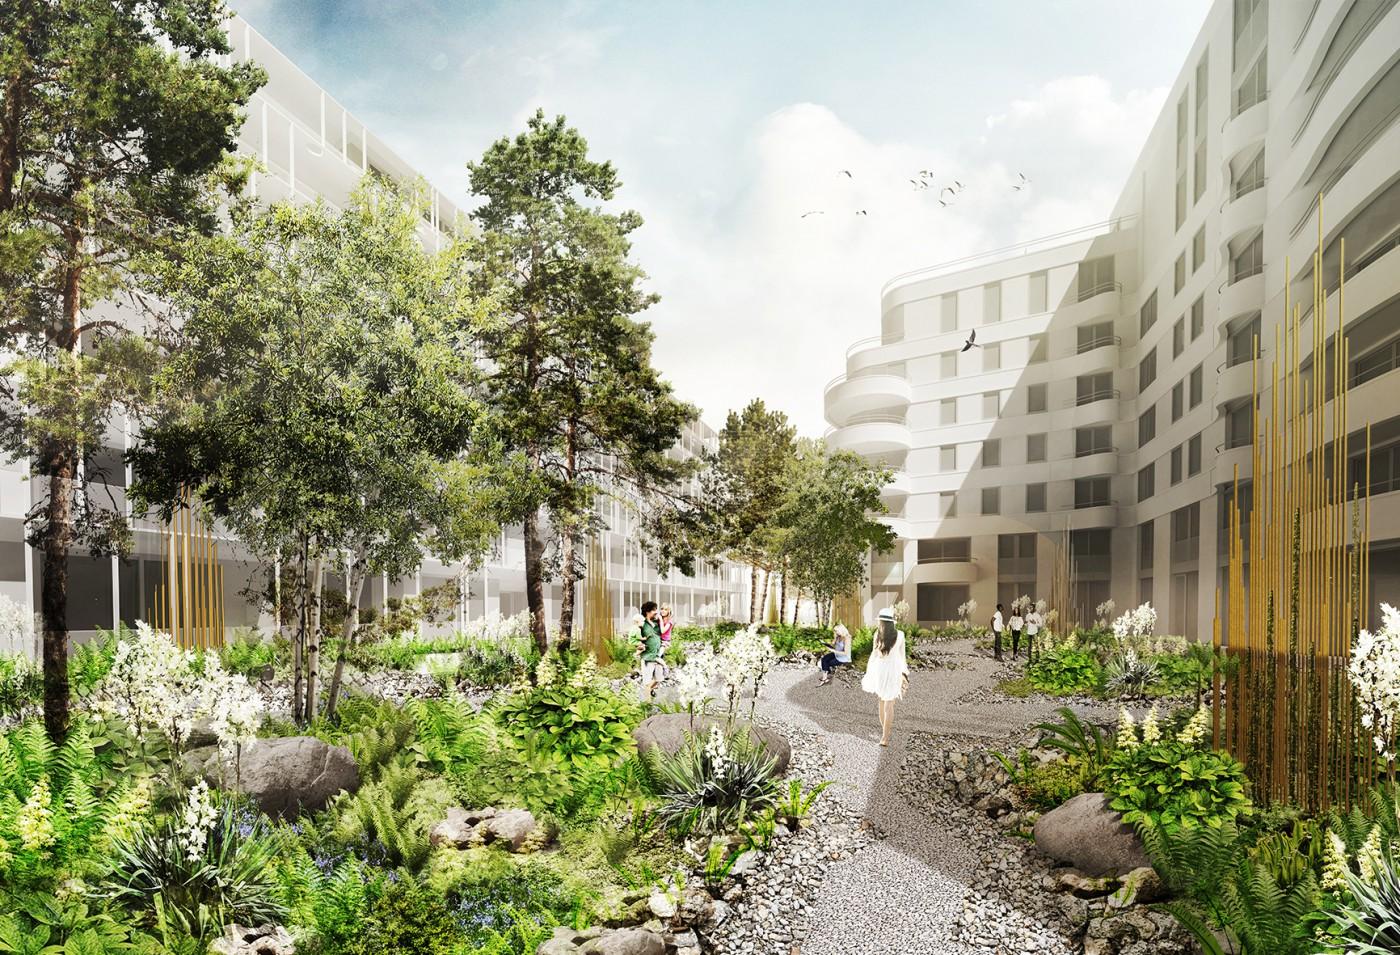 buro-sant-en-co-landschapsarchitectuur-overhoeks-amsterdam-woonomgeving-ontwerp-binnentuin-C